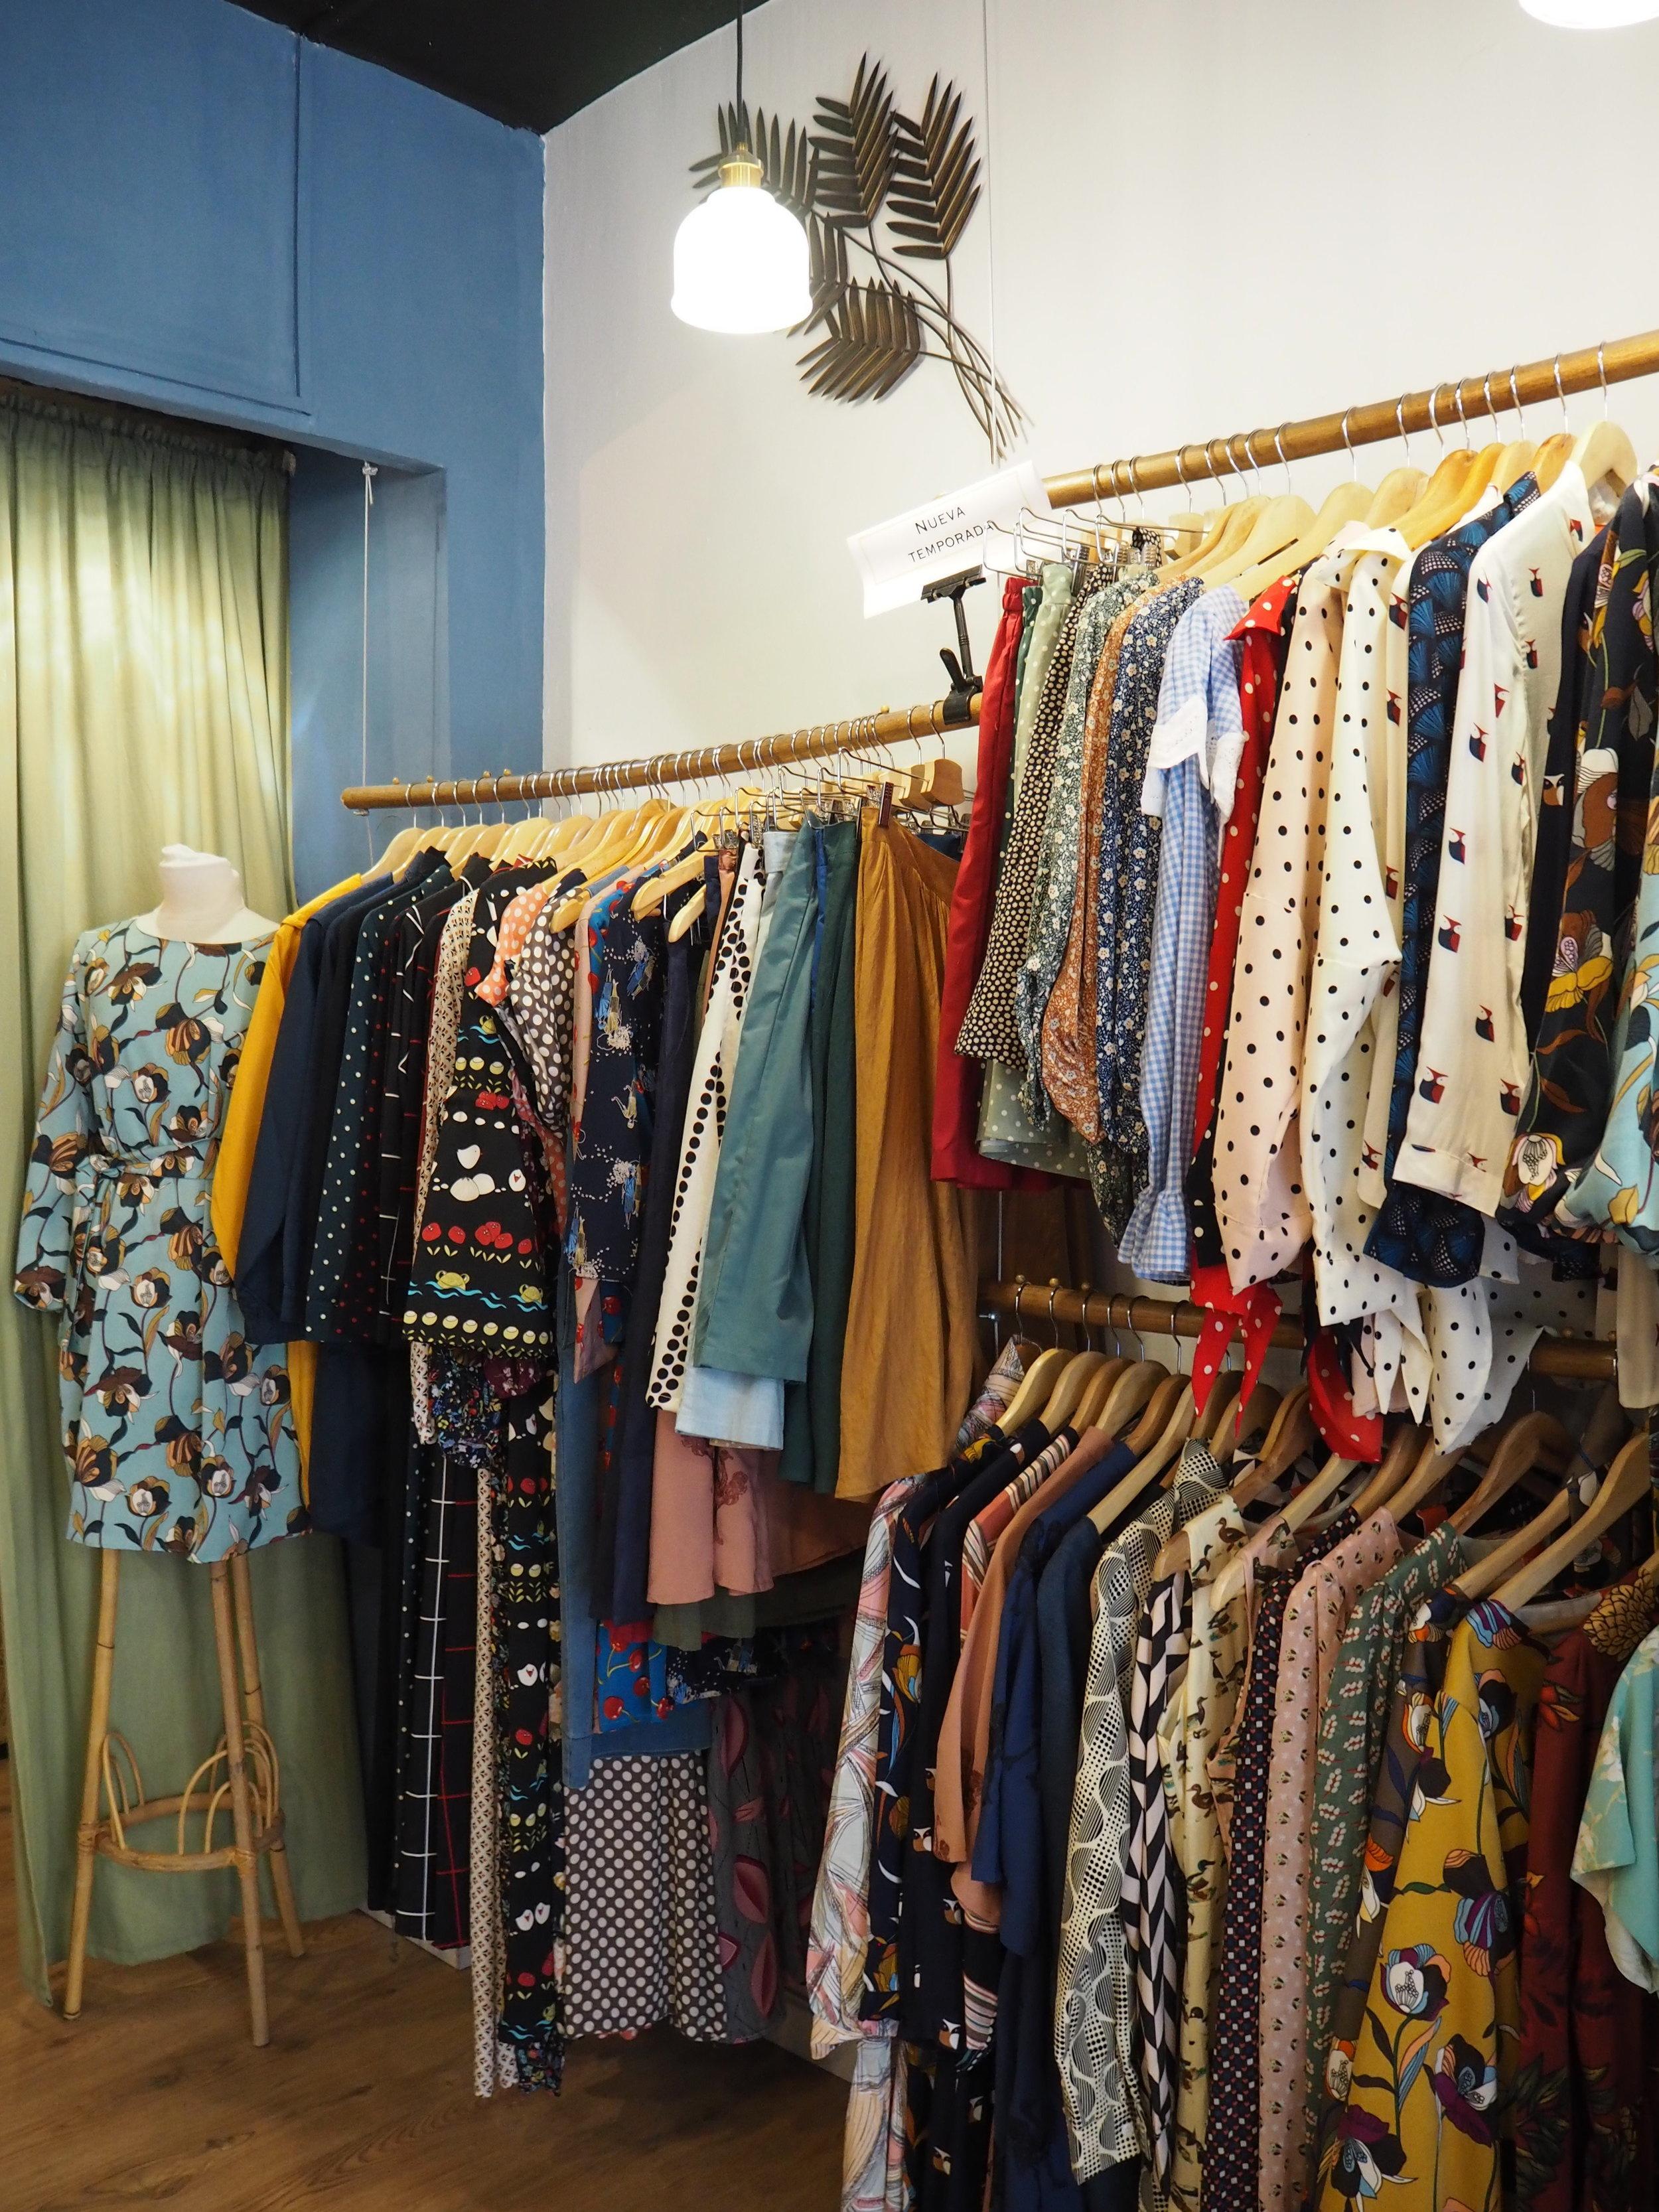 tiendas-ropa-madrid-originales-pizarra-vestidos.JPG